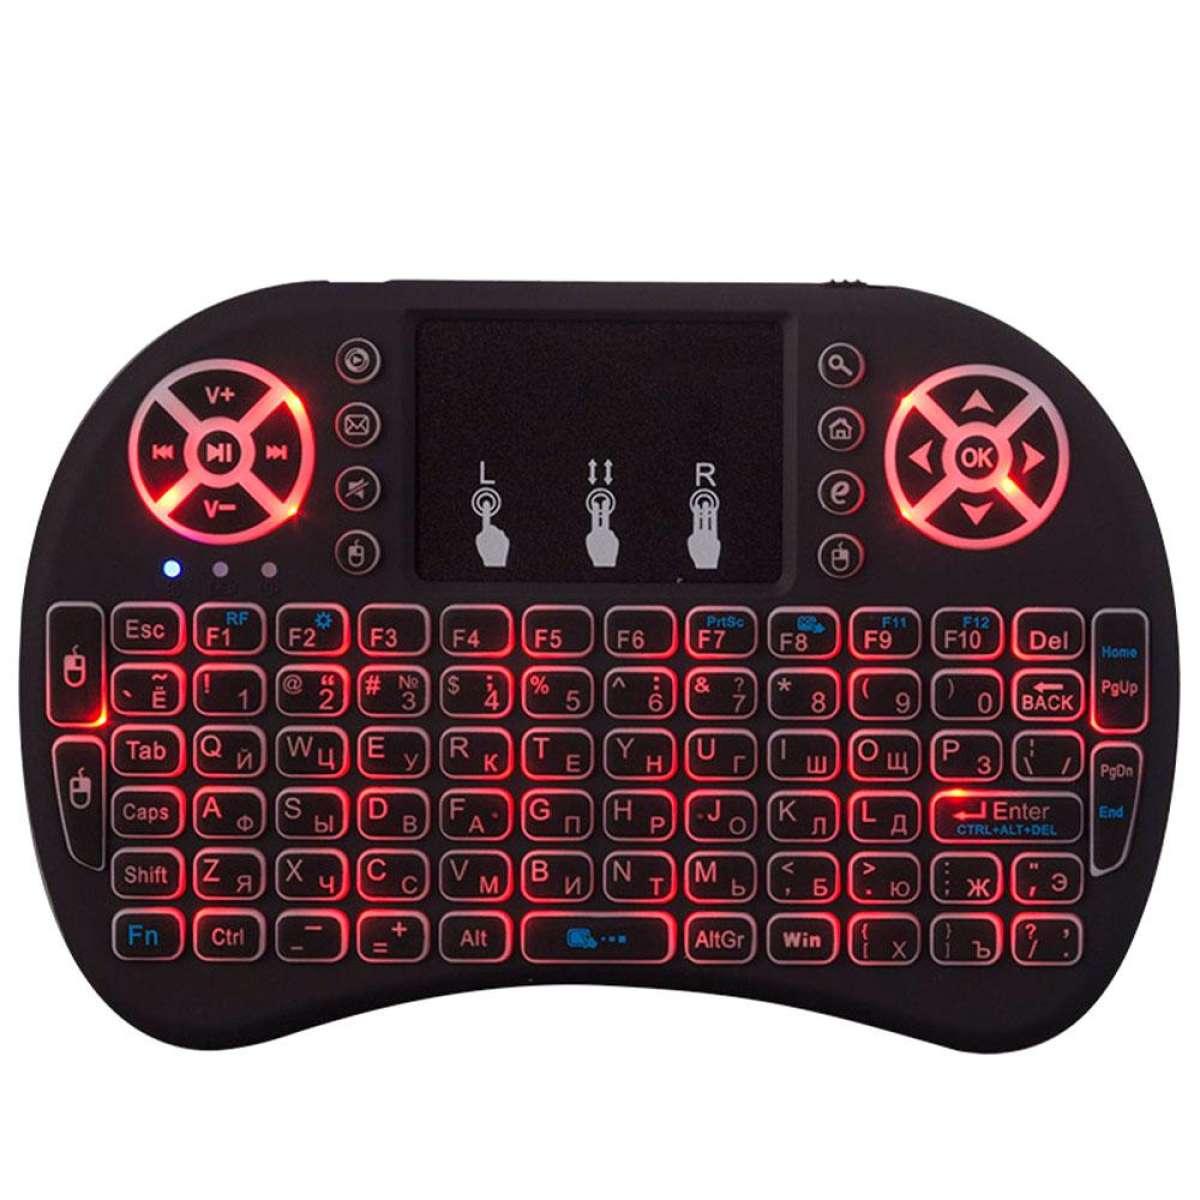 Mini Wireless Keyboard RF500 - Multi Color Backlit MINI TOUCH PAD RF 500 WIRELESS WITH 3 COLOUR BACKLIGHT KEYBOARD MOUSE, Key Board, Mouse - RF 500 Mini Keyboard Mouse Smart Gedget